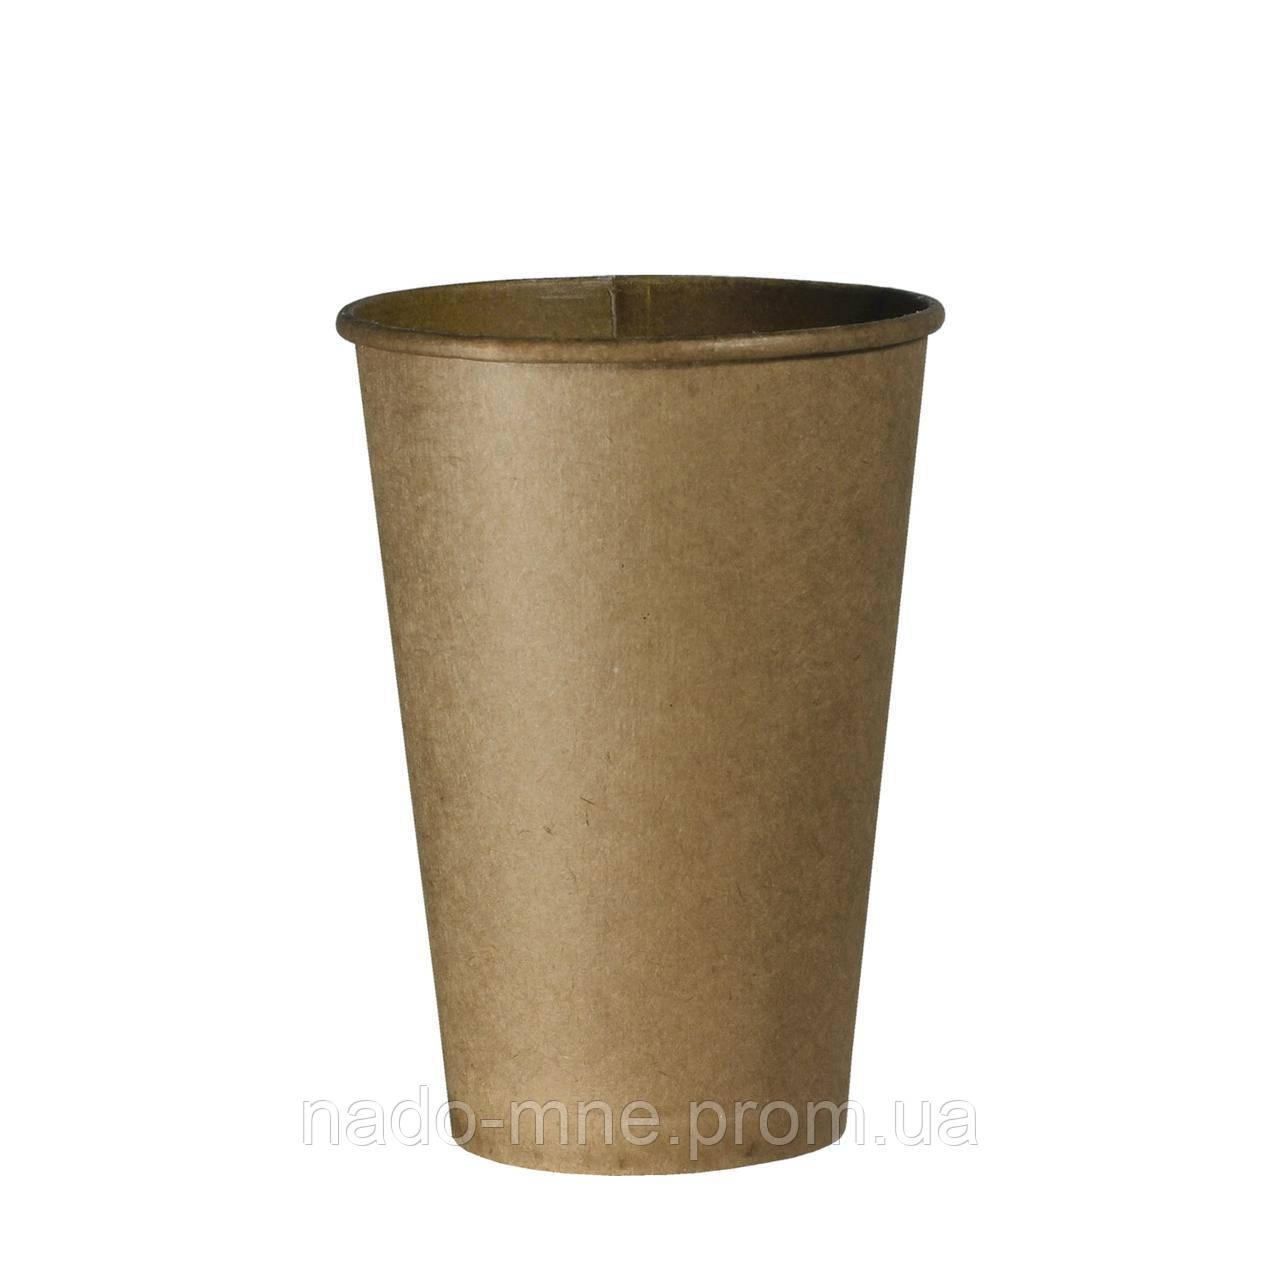 Стакан бумажный Крафт 340мл, 50шт/уп (КВ90)